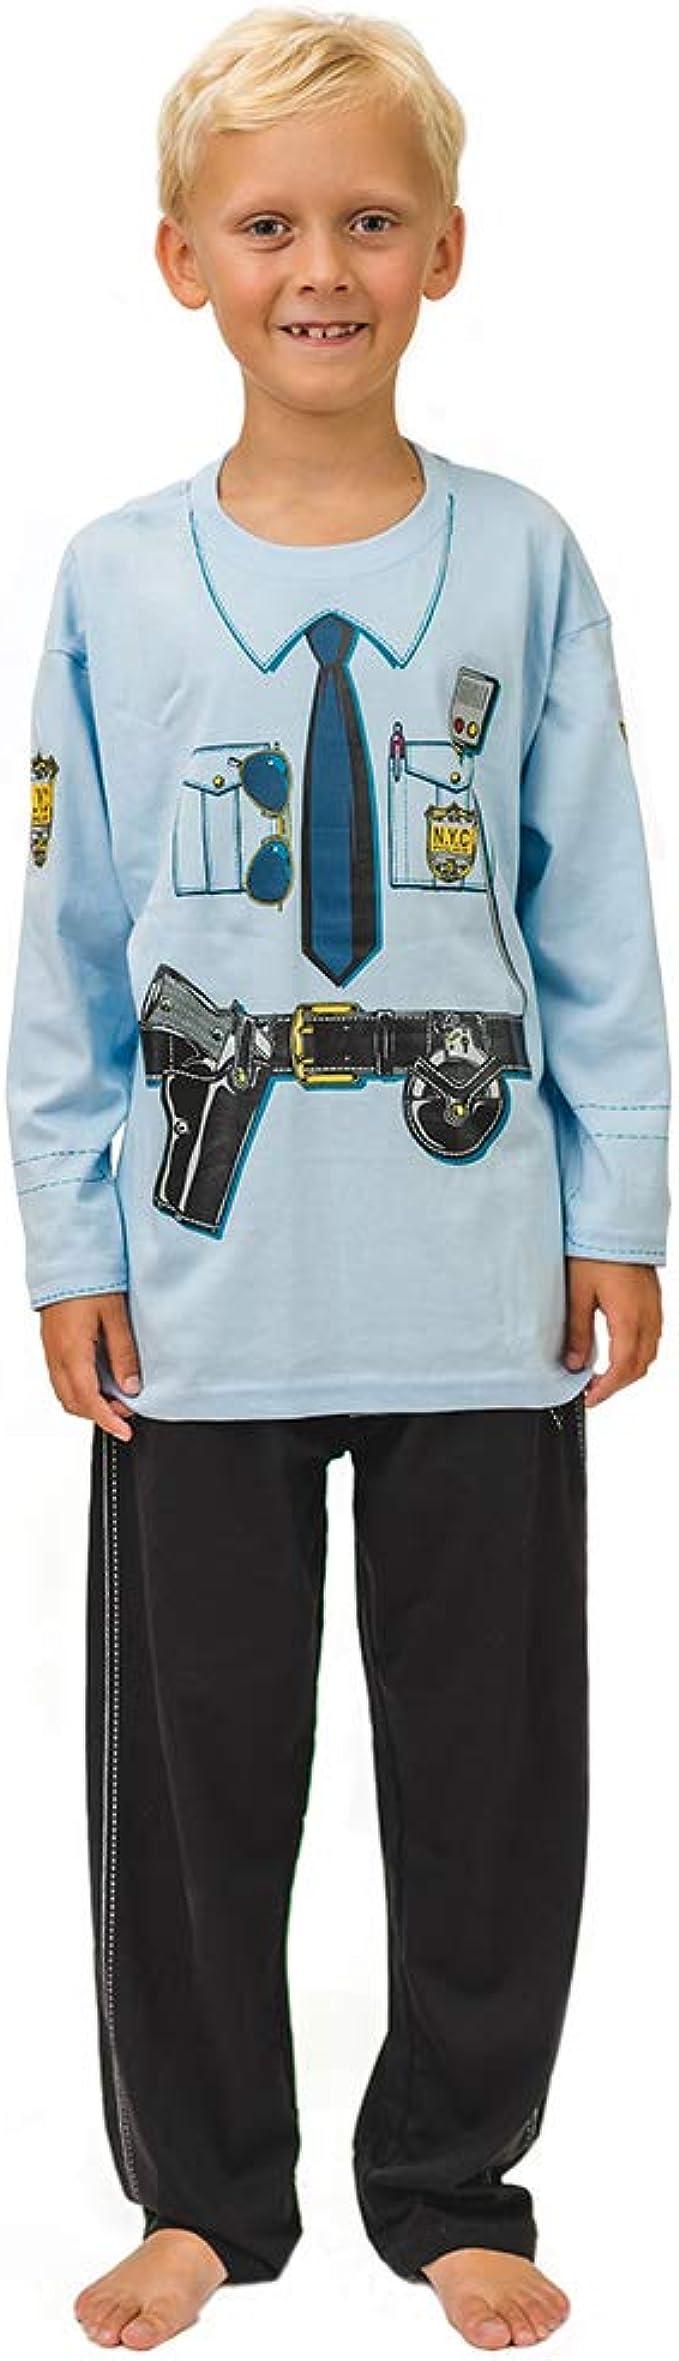 Pijama de Policía de New York y Ropa Casera Divertida: Amazon ...